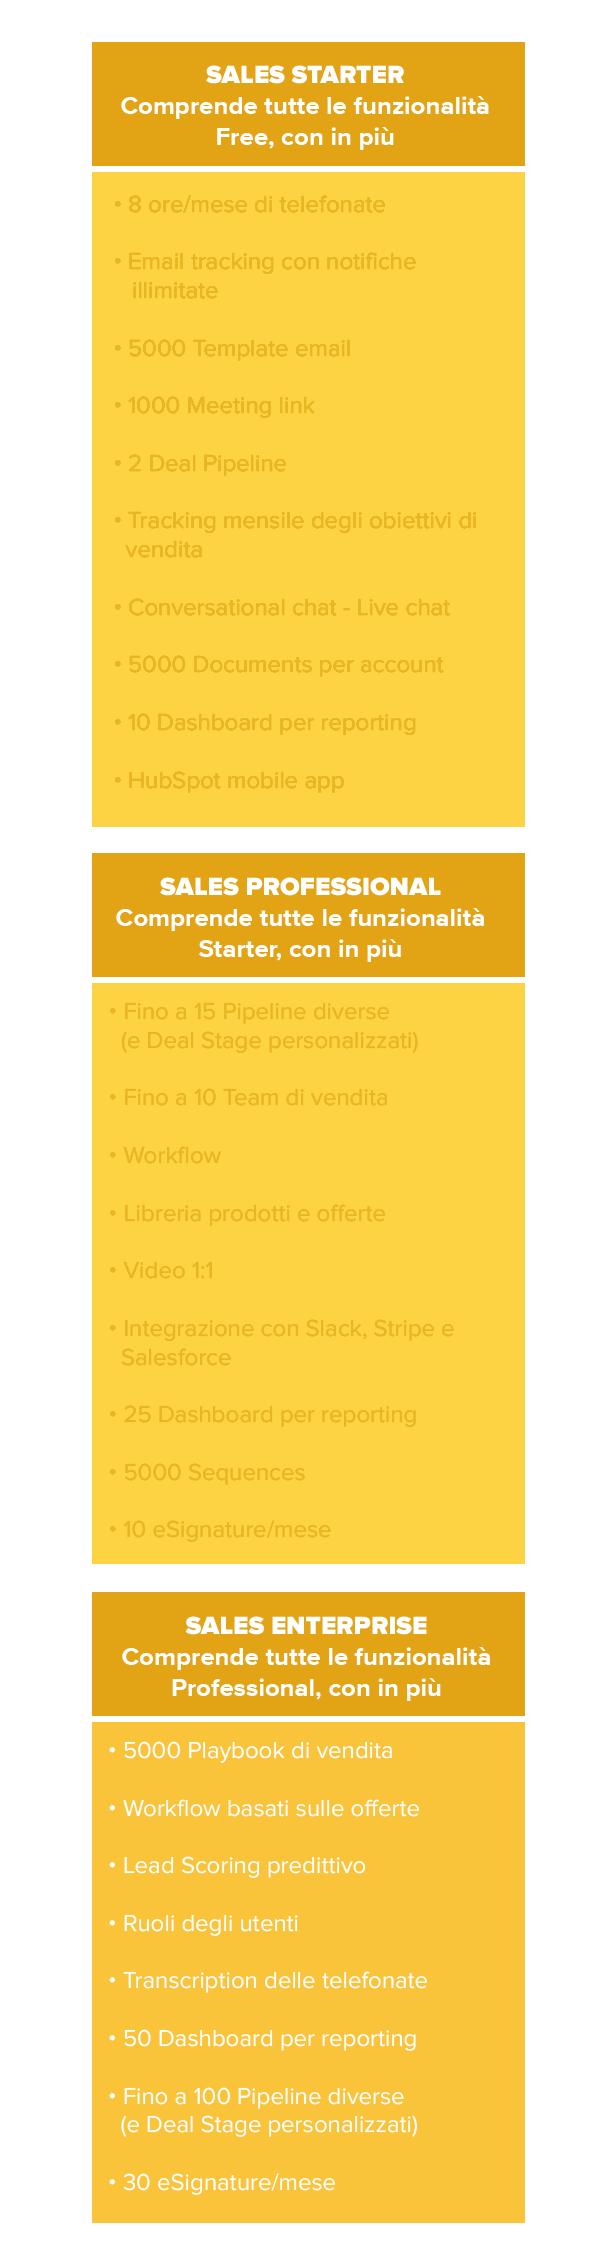 tabella_articolo_sales_hub_mob2